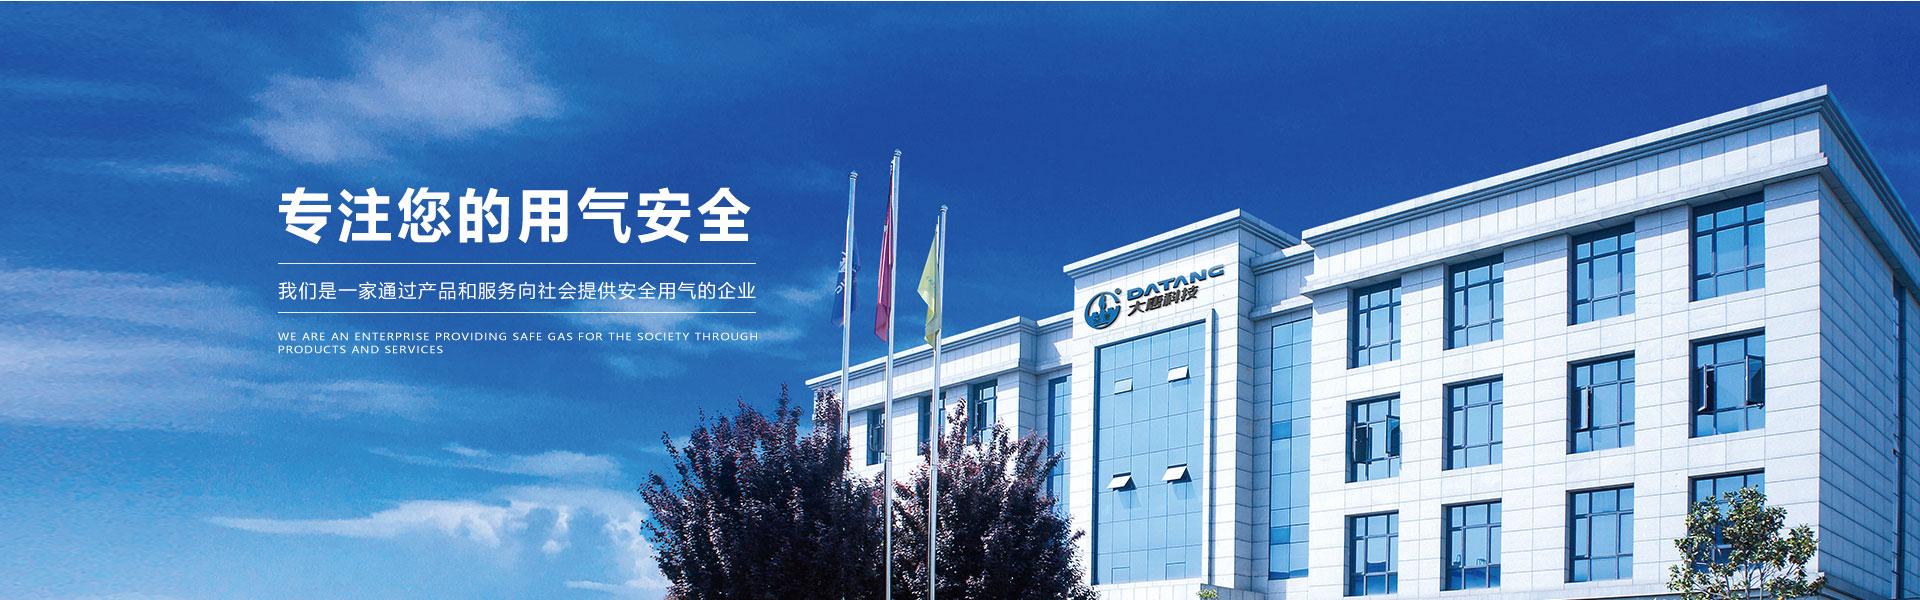 大唐燃气安全科技股份公司产品中心